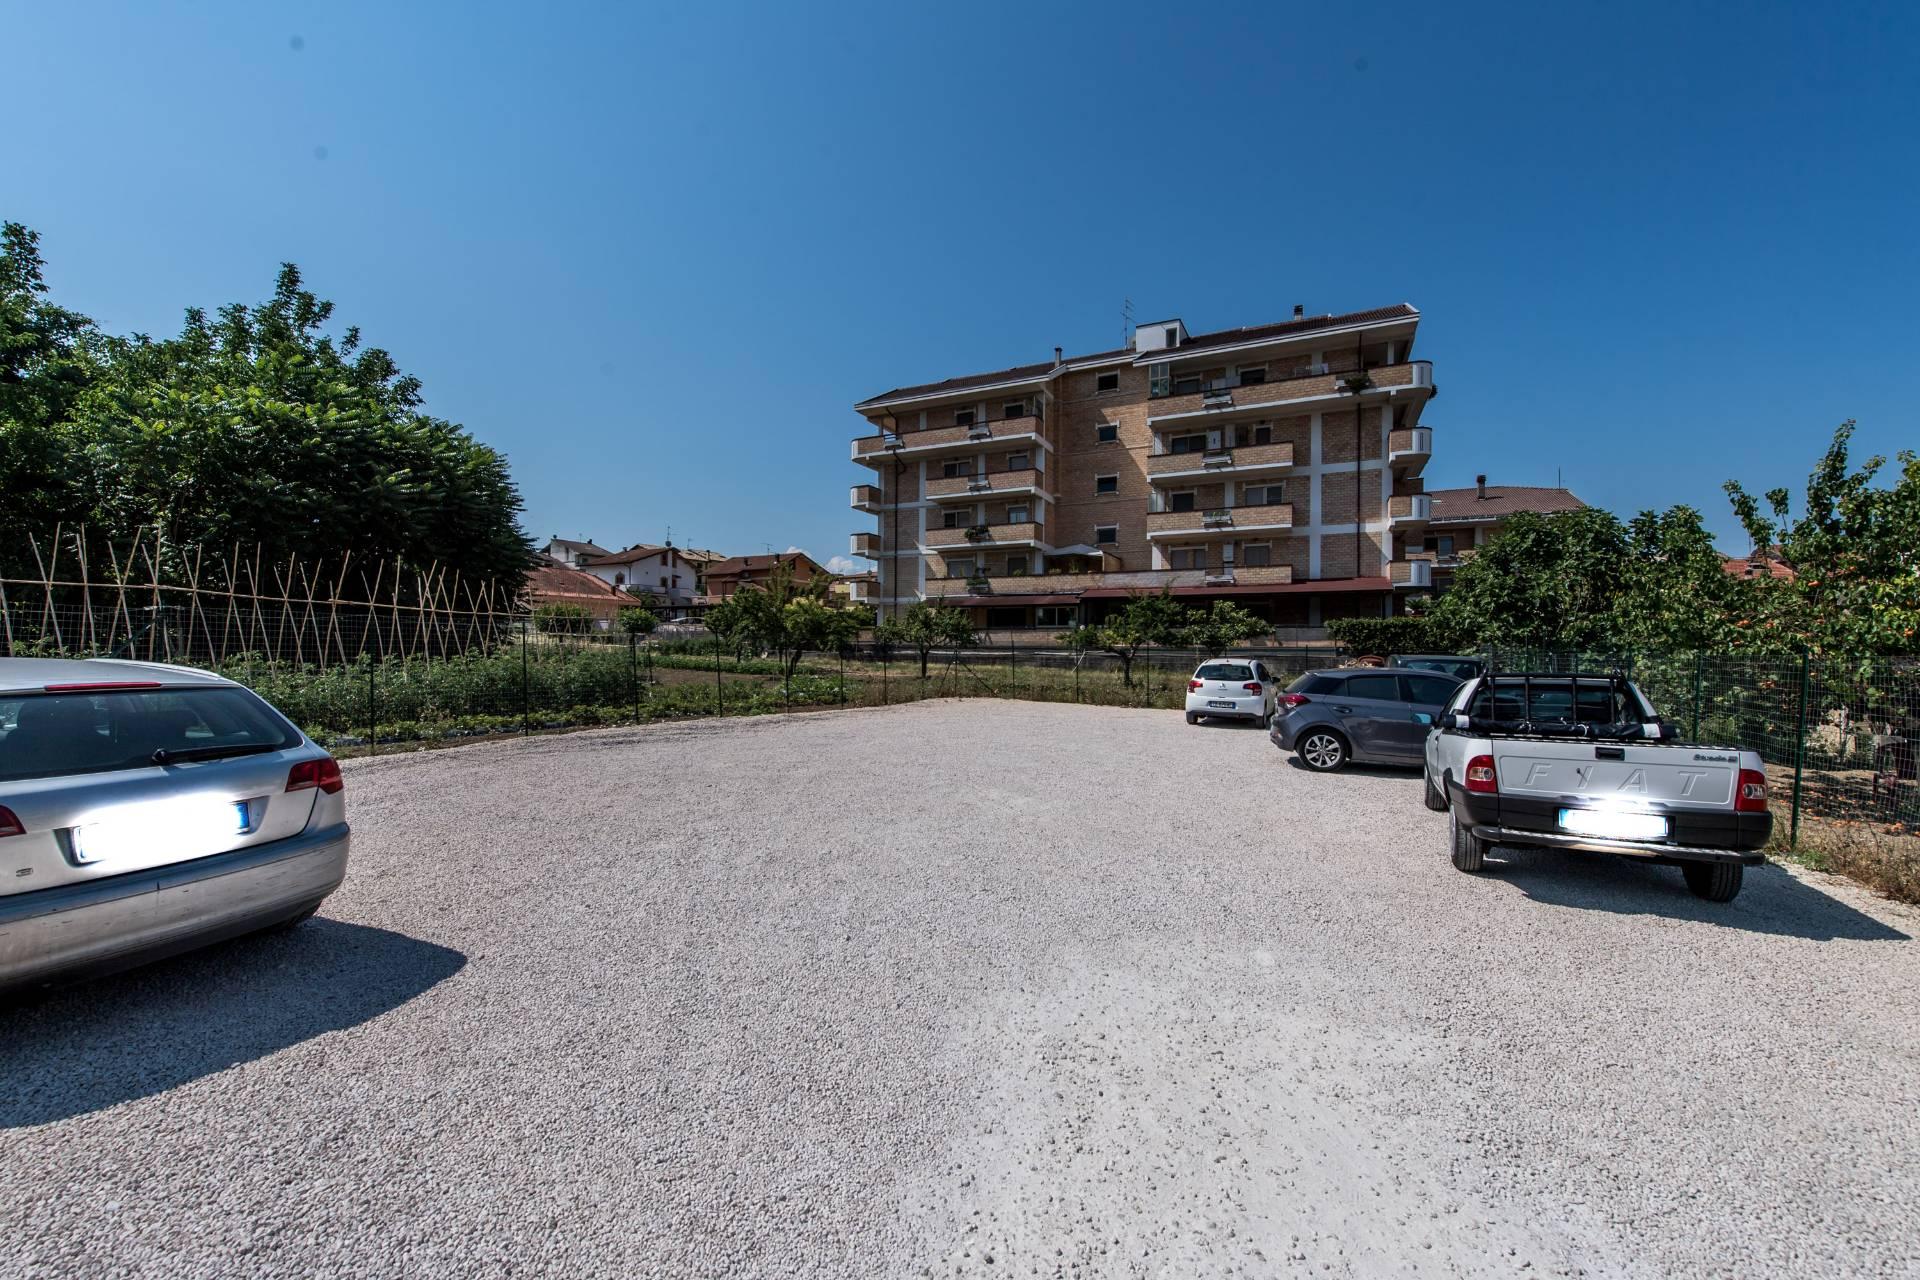 Attività / Licenza in vendita a Chieti, 9999 locali, prezzo € 235.000 | CambioCasa.it